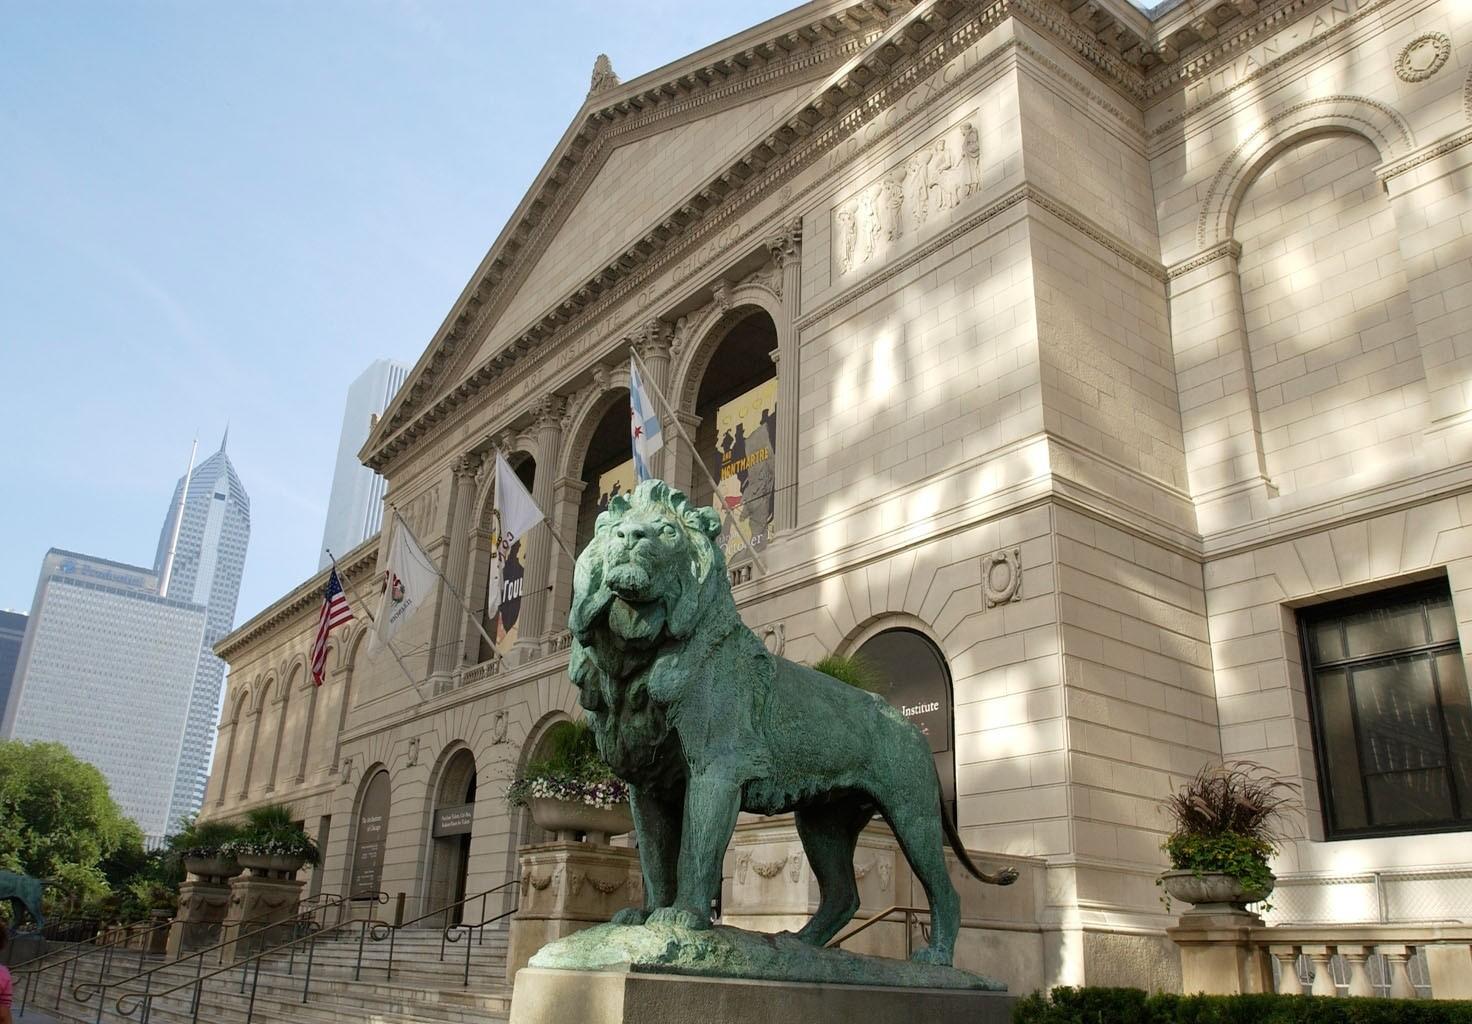 アメリカ三大美術館・シカゴ美術館収蔵の必見印象派絵画10選!短時間でも見逃すな、珠玉のコレクション